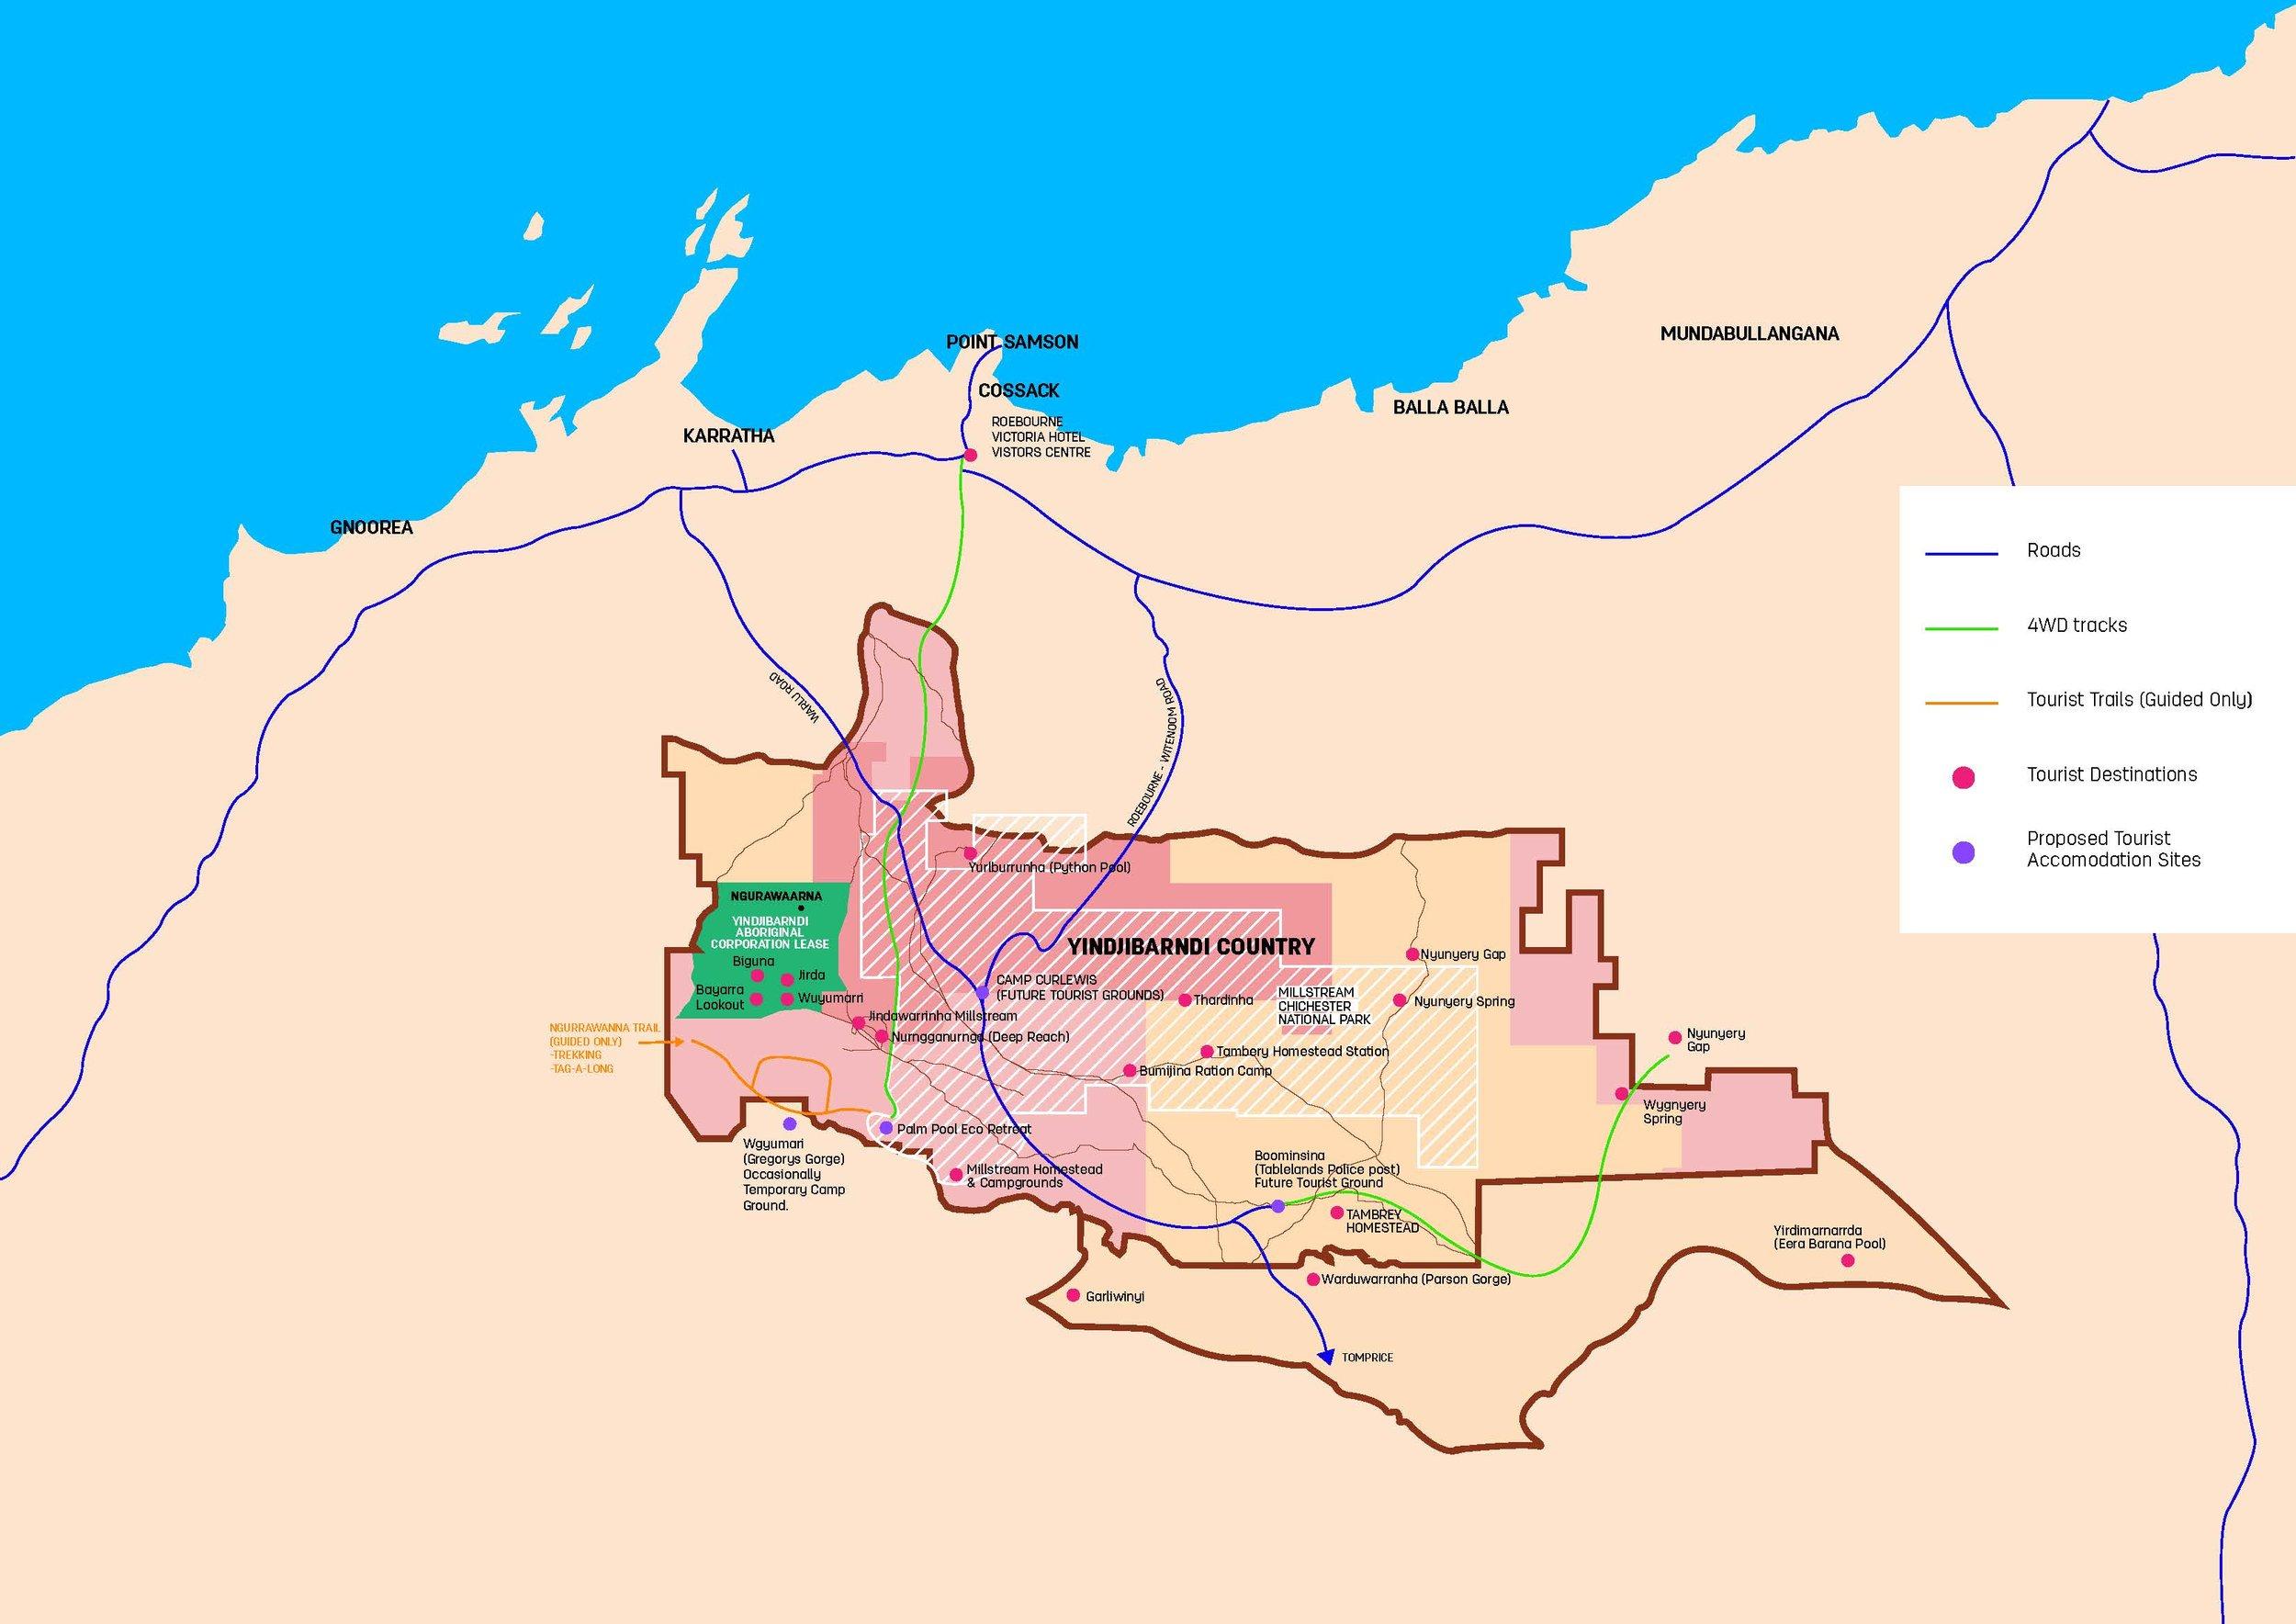 Yindjibarndi Tourism Strategy